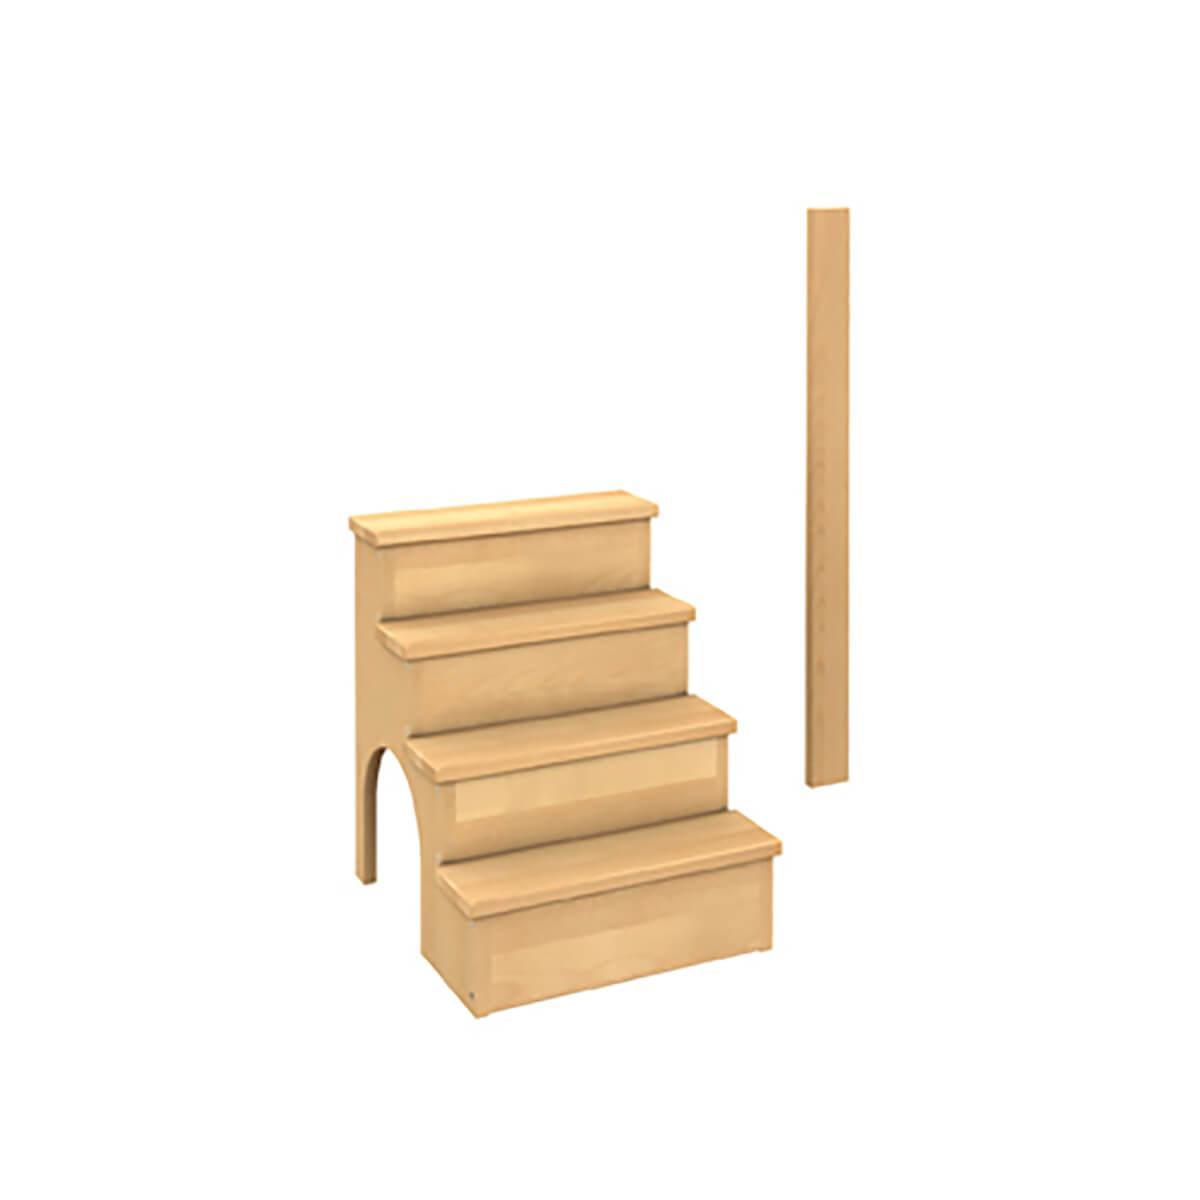 Erweiterung - Treppe und Mittelpfosten DELUXE Debreuyn Buche natur geölt